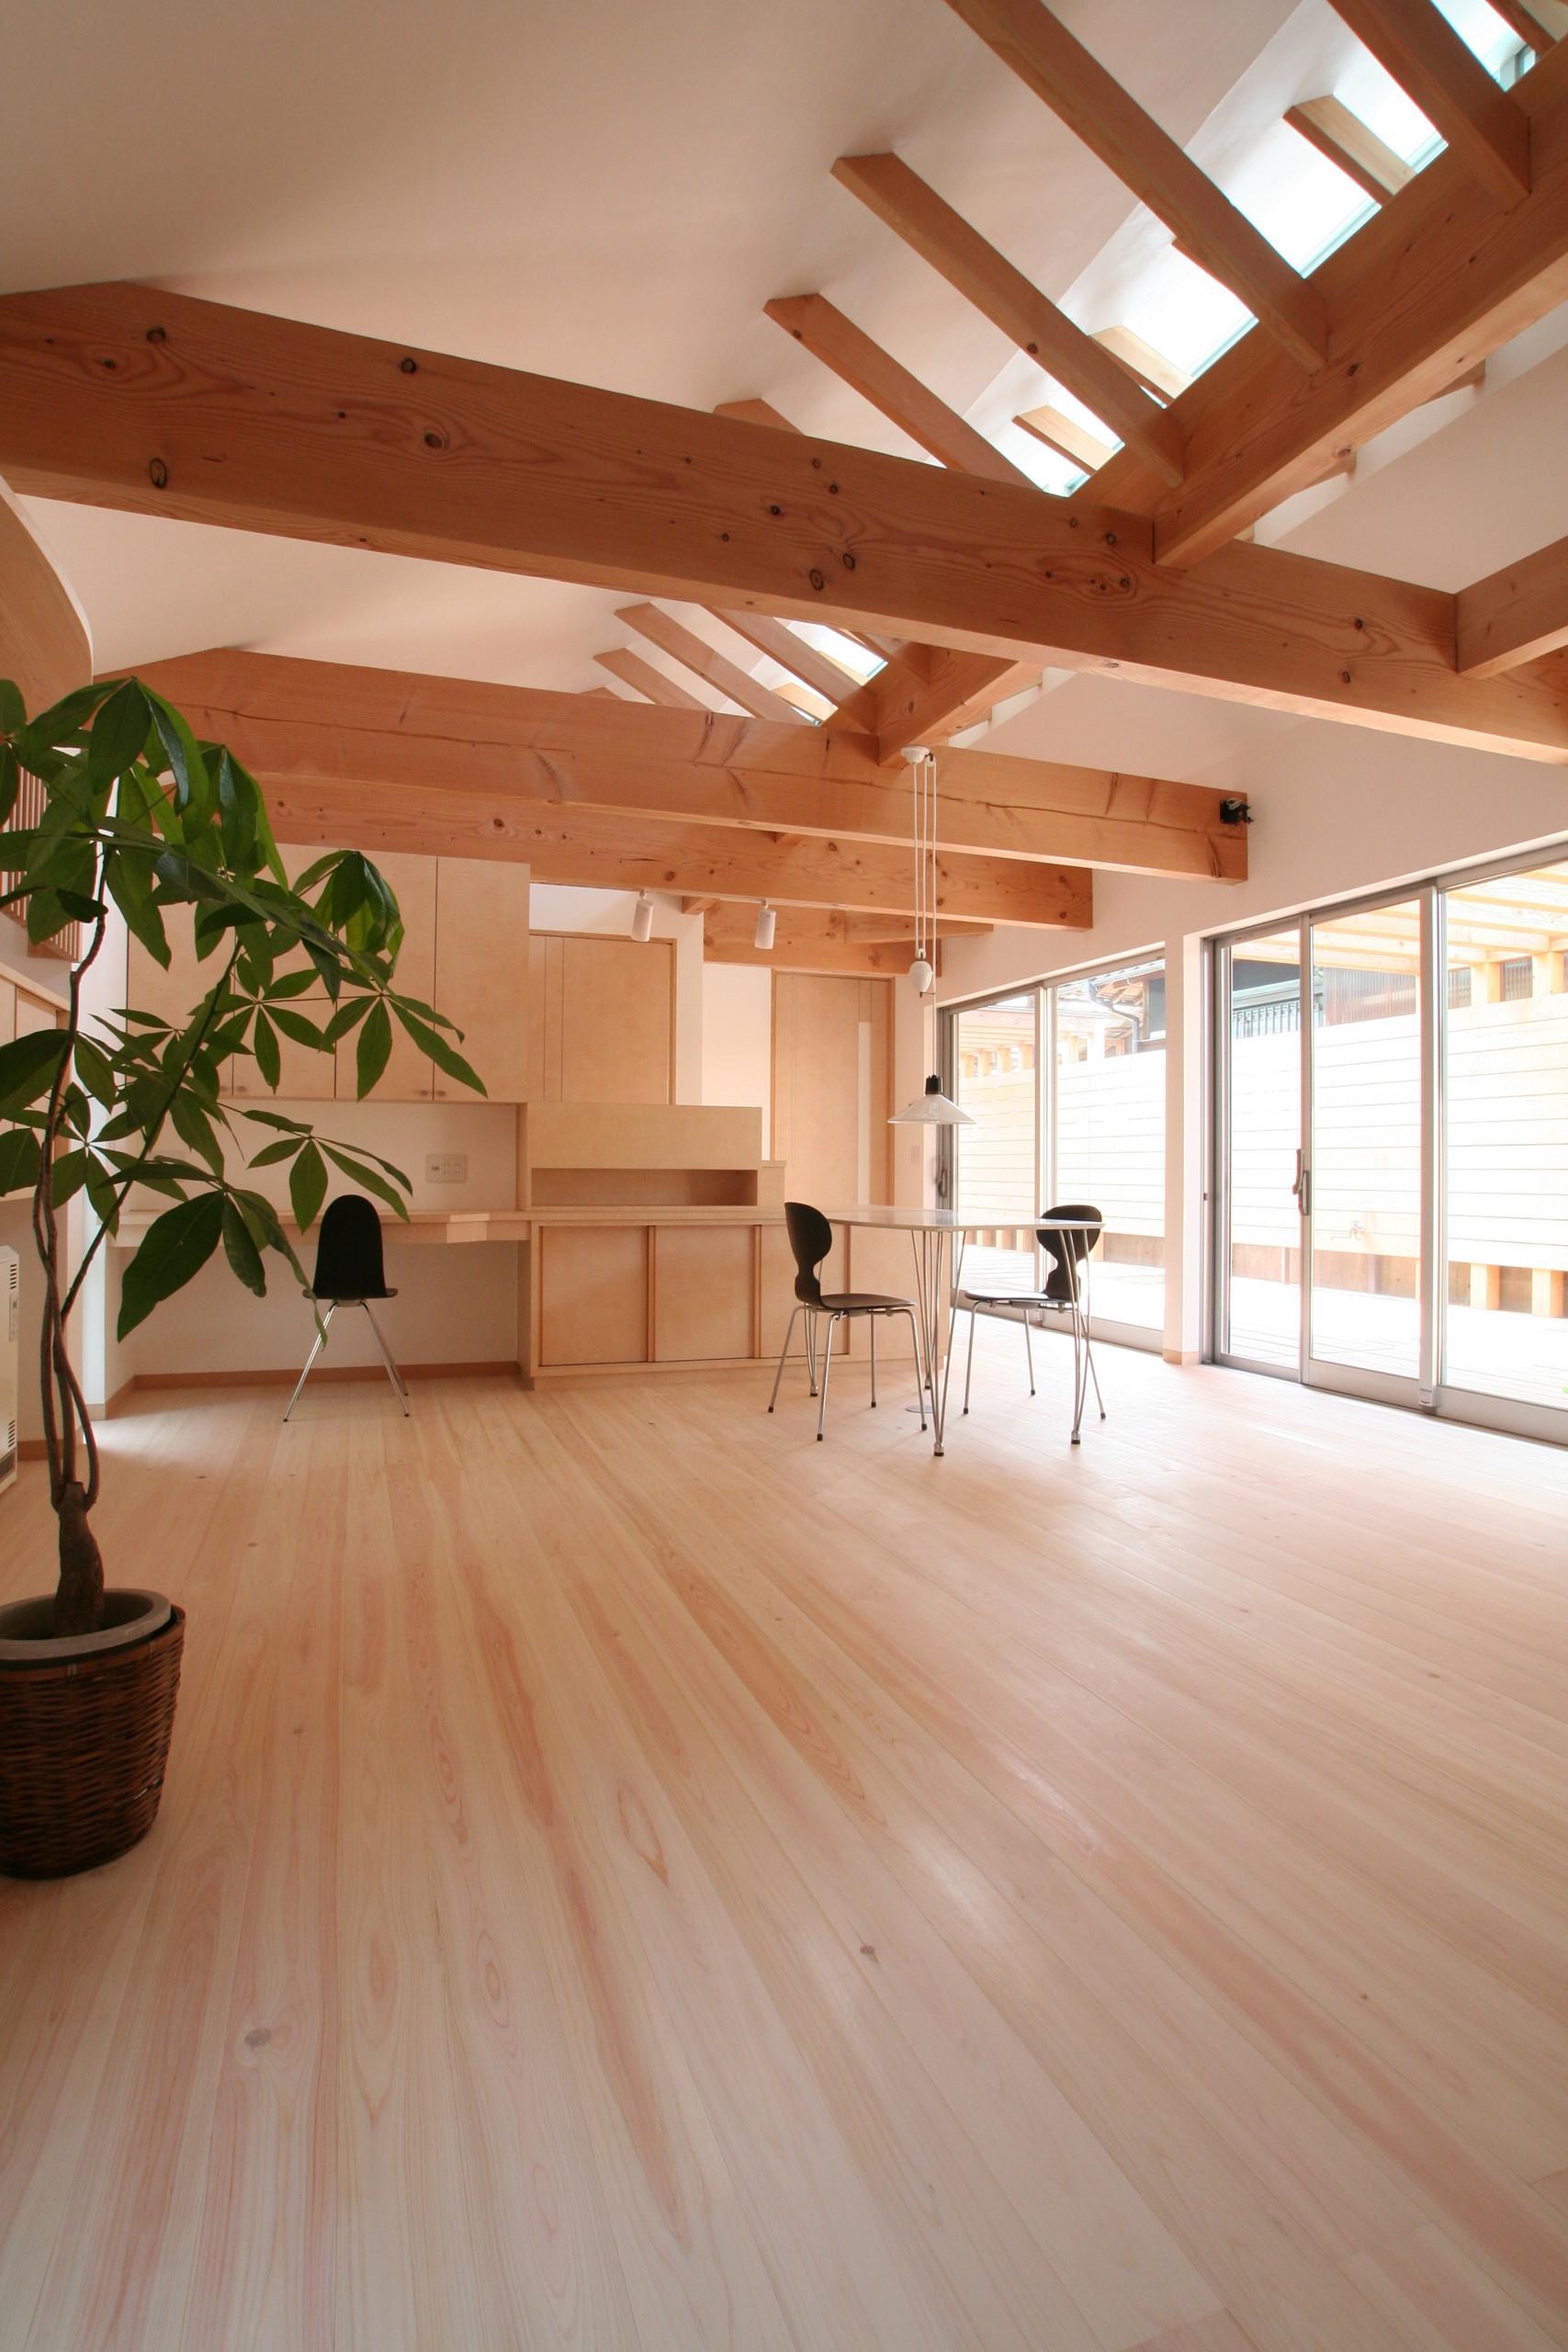 十八間堂(車椅子身障者のための平屋住宅)の建築事例写真